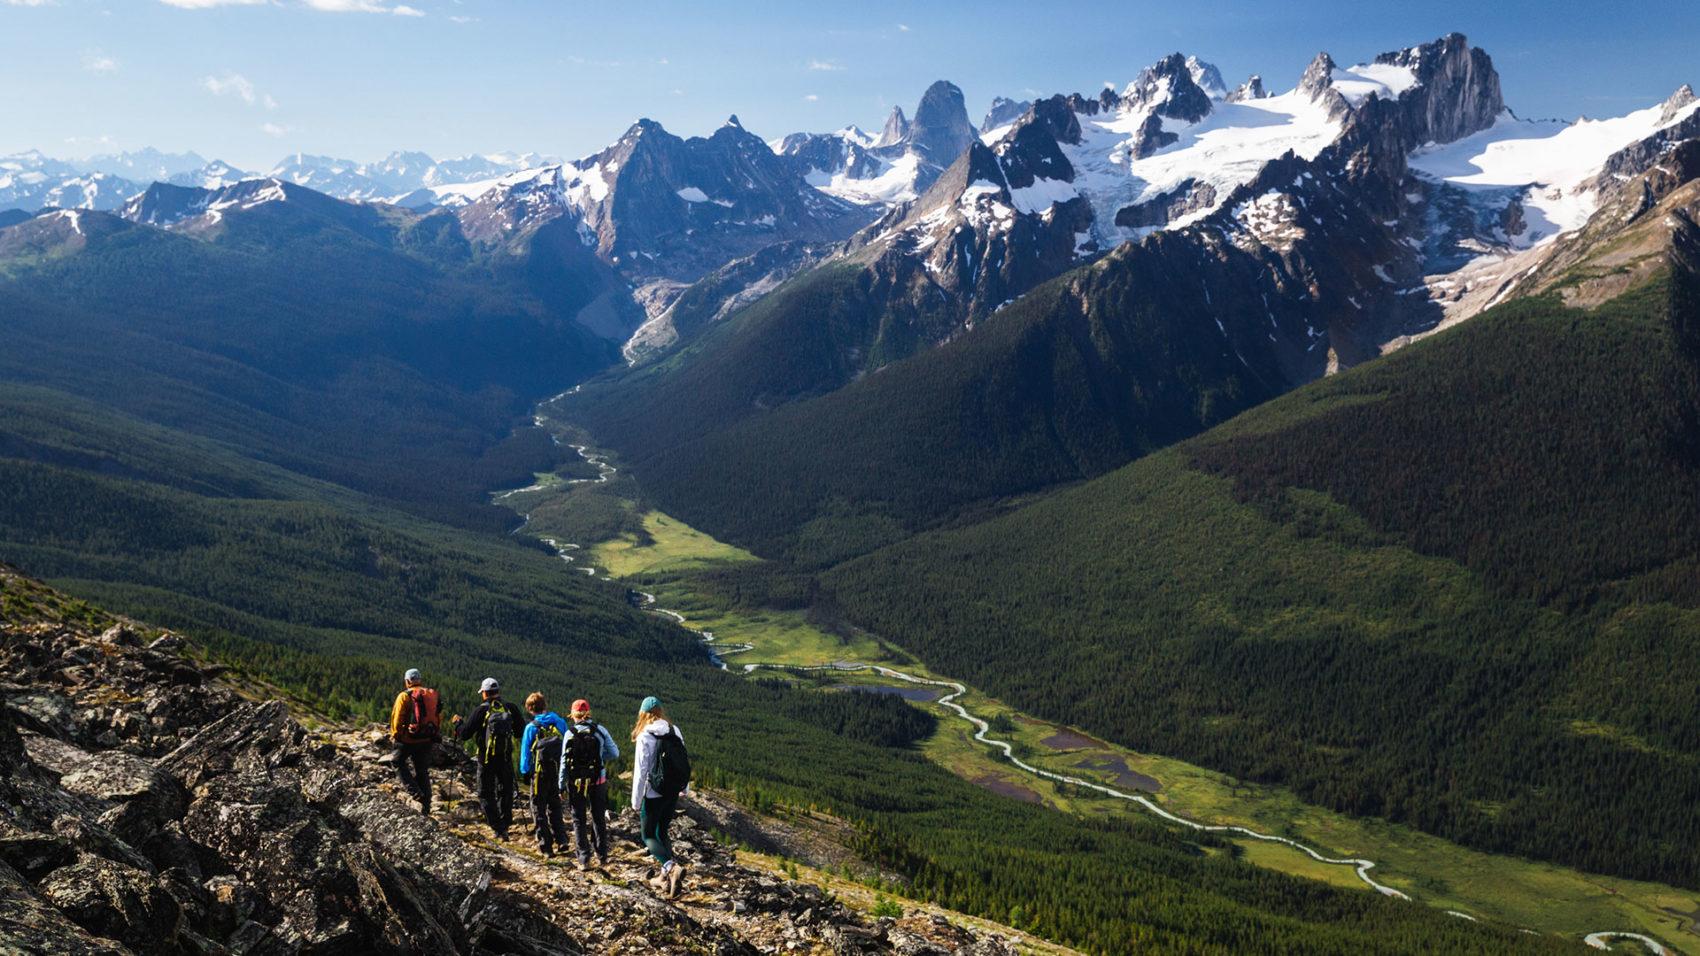 Heli Hikers in the Bugaboos. Heli-hiking